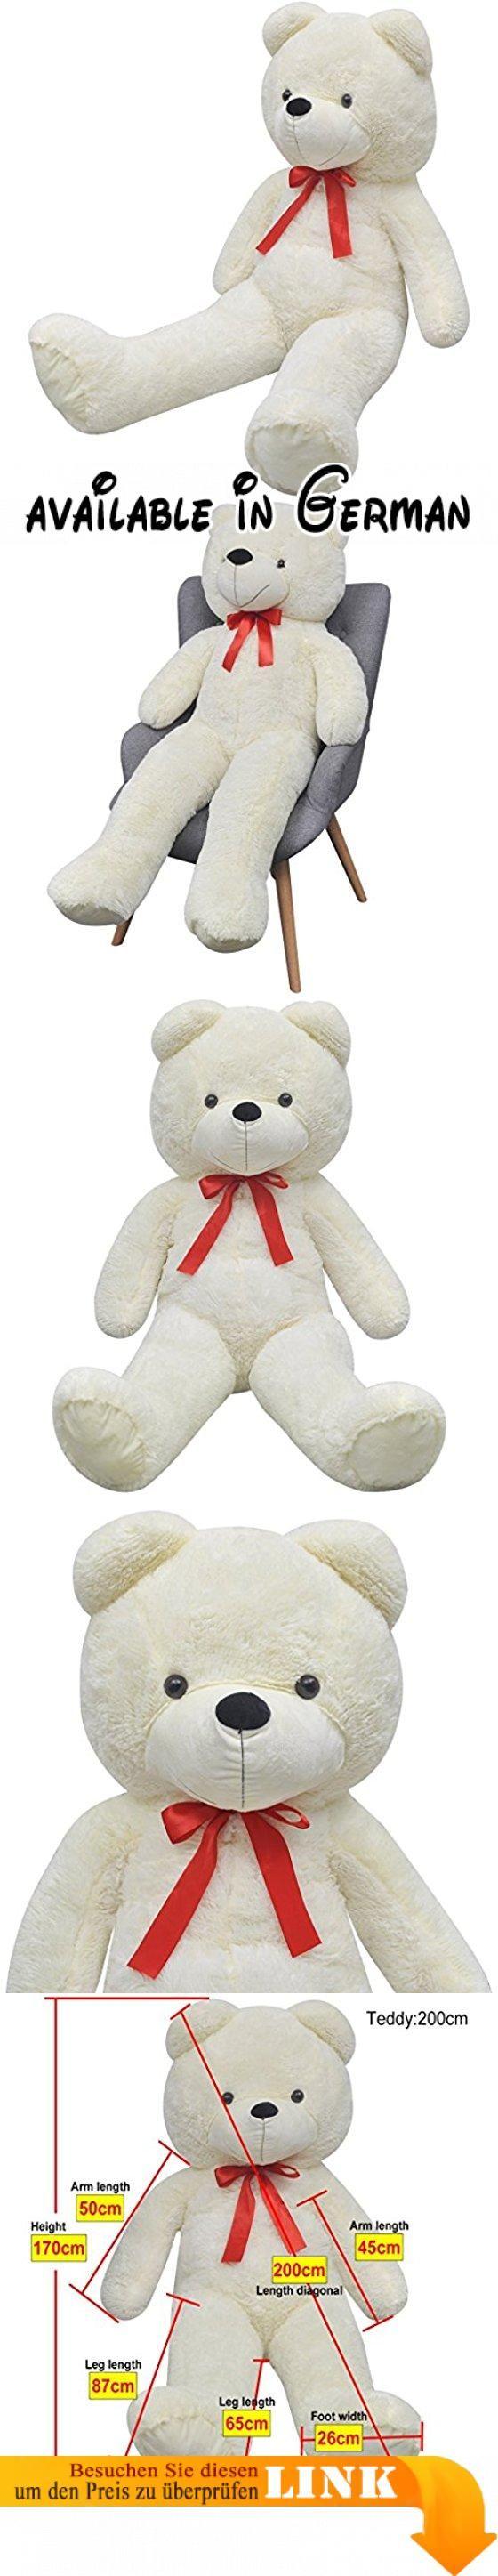 Großartig Teddybär Färbung Seite Ideen - Beispiel Anschreiben für ...